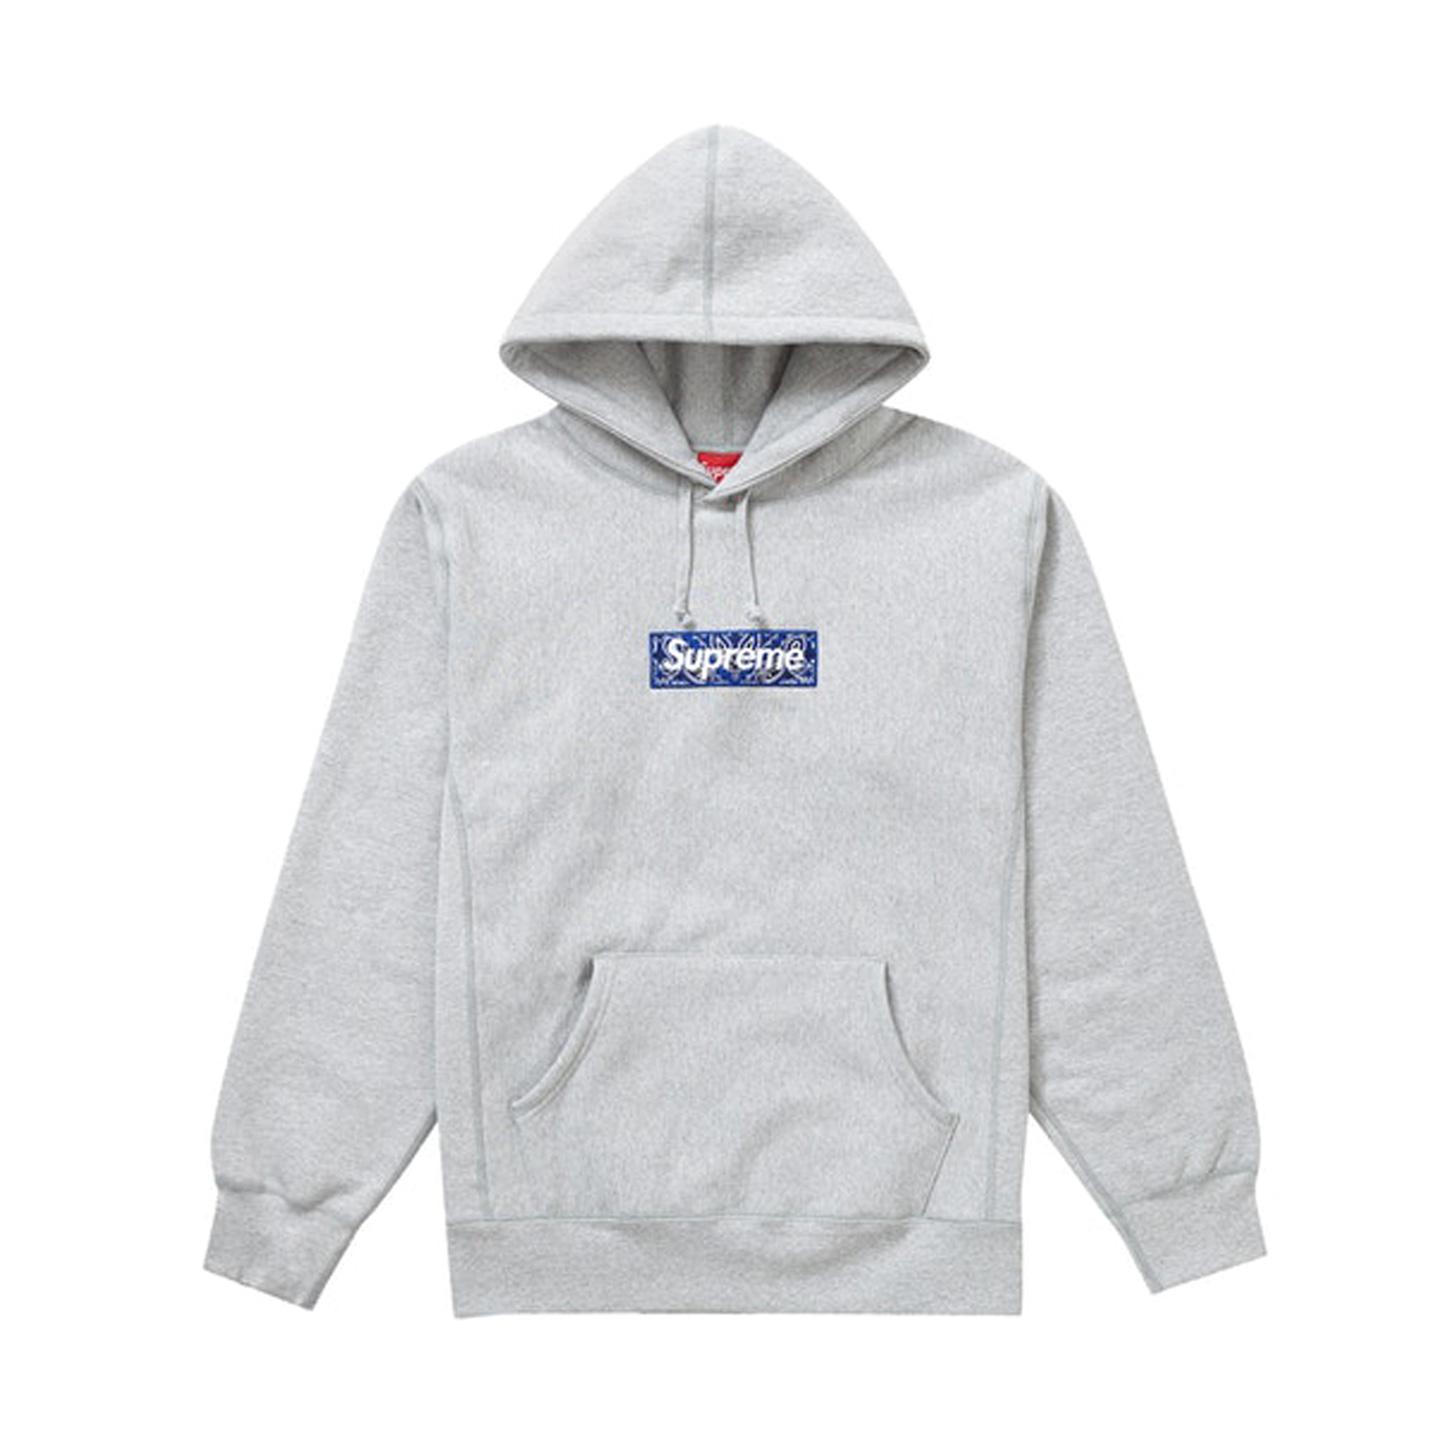 Supreme Bandana Box Logo Hooded Sweatshirt Heather Grey 19FW